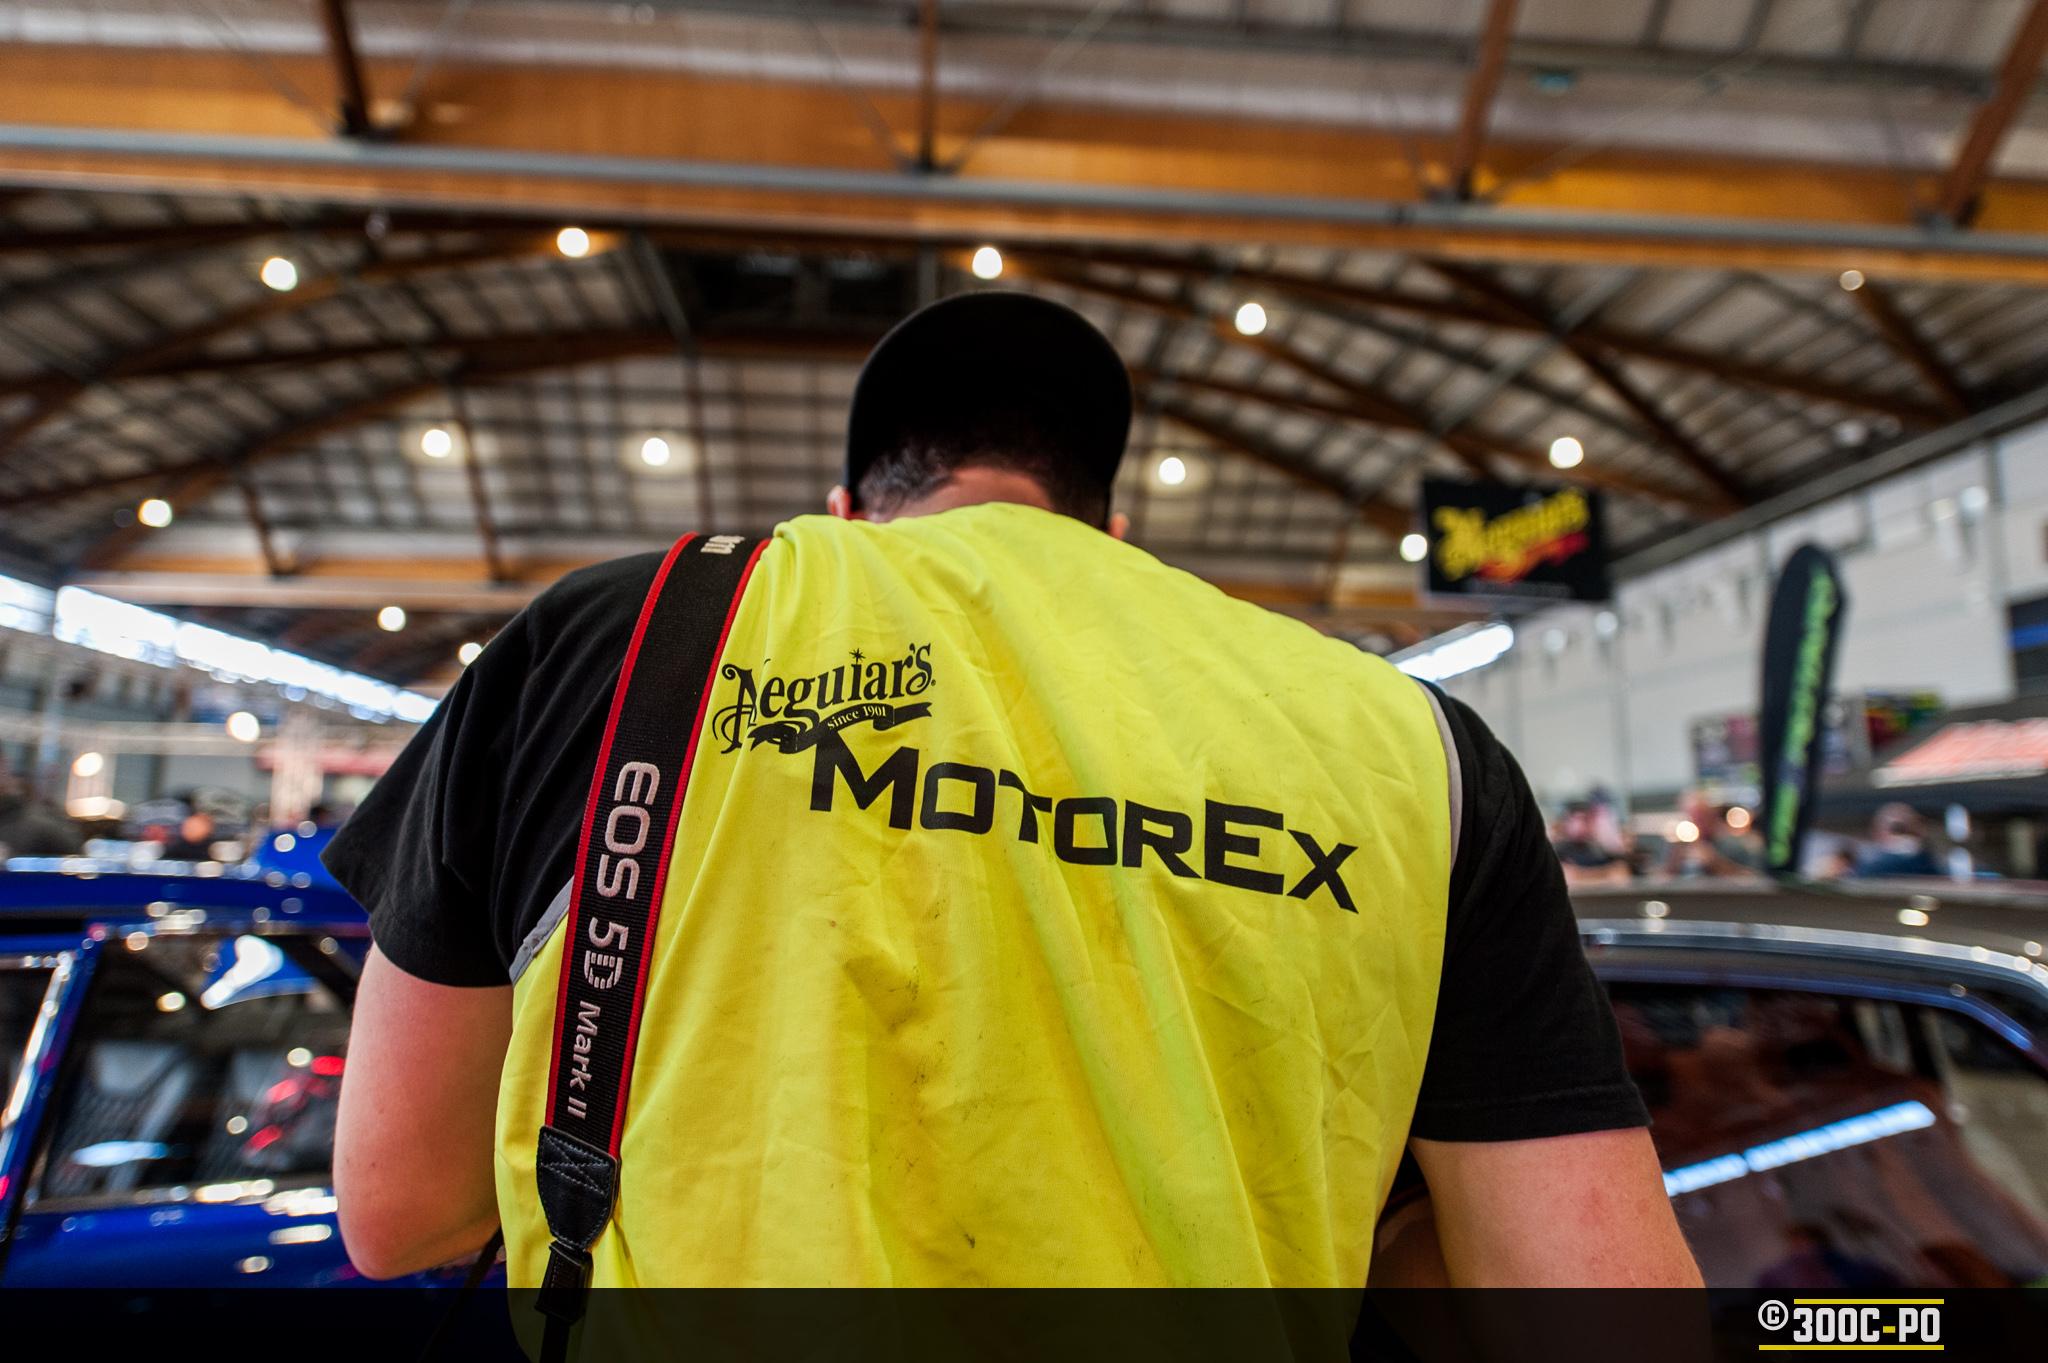 2017-07-22 - Meguiars MotorEx 070